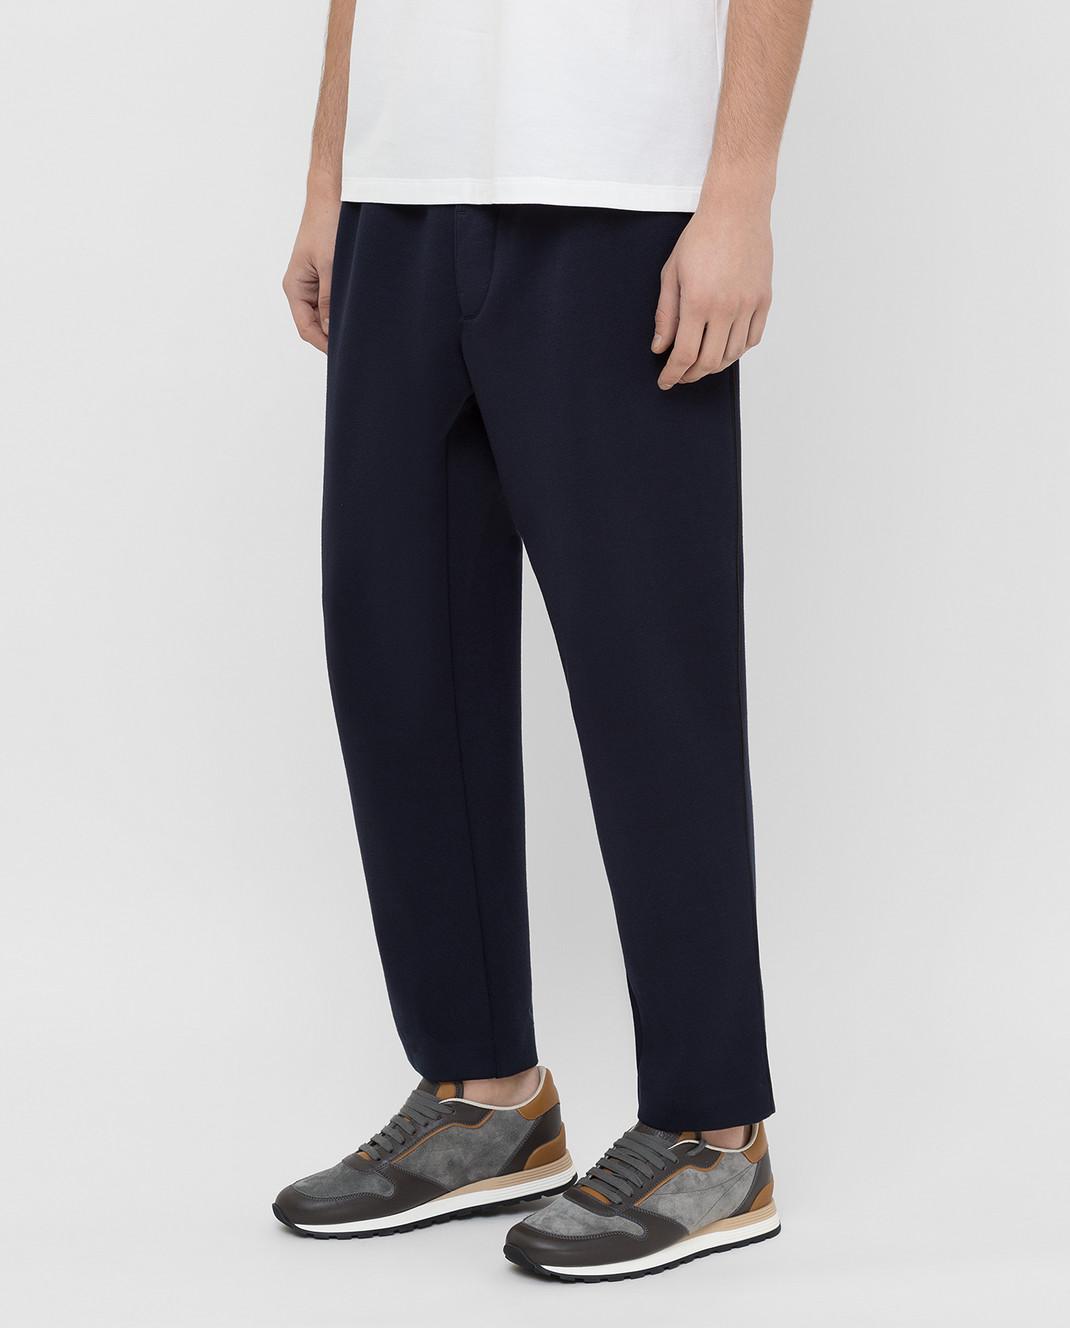 Moncler Темно-синие спортивные брюки 1146600829FC изображение 3